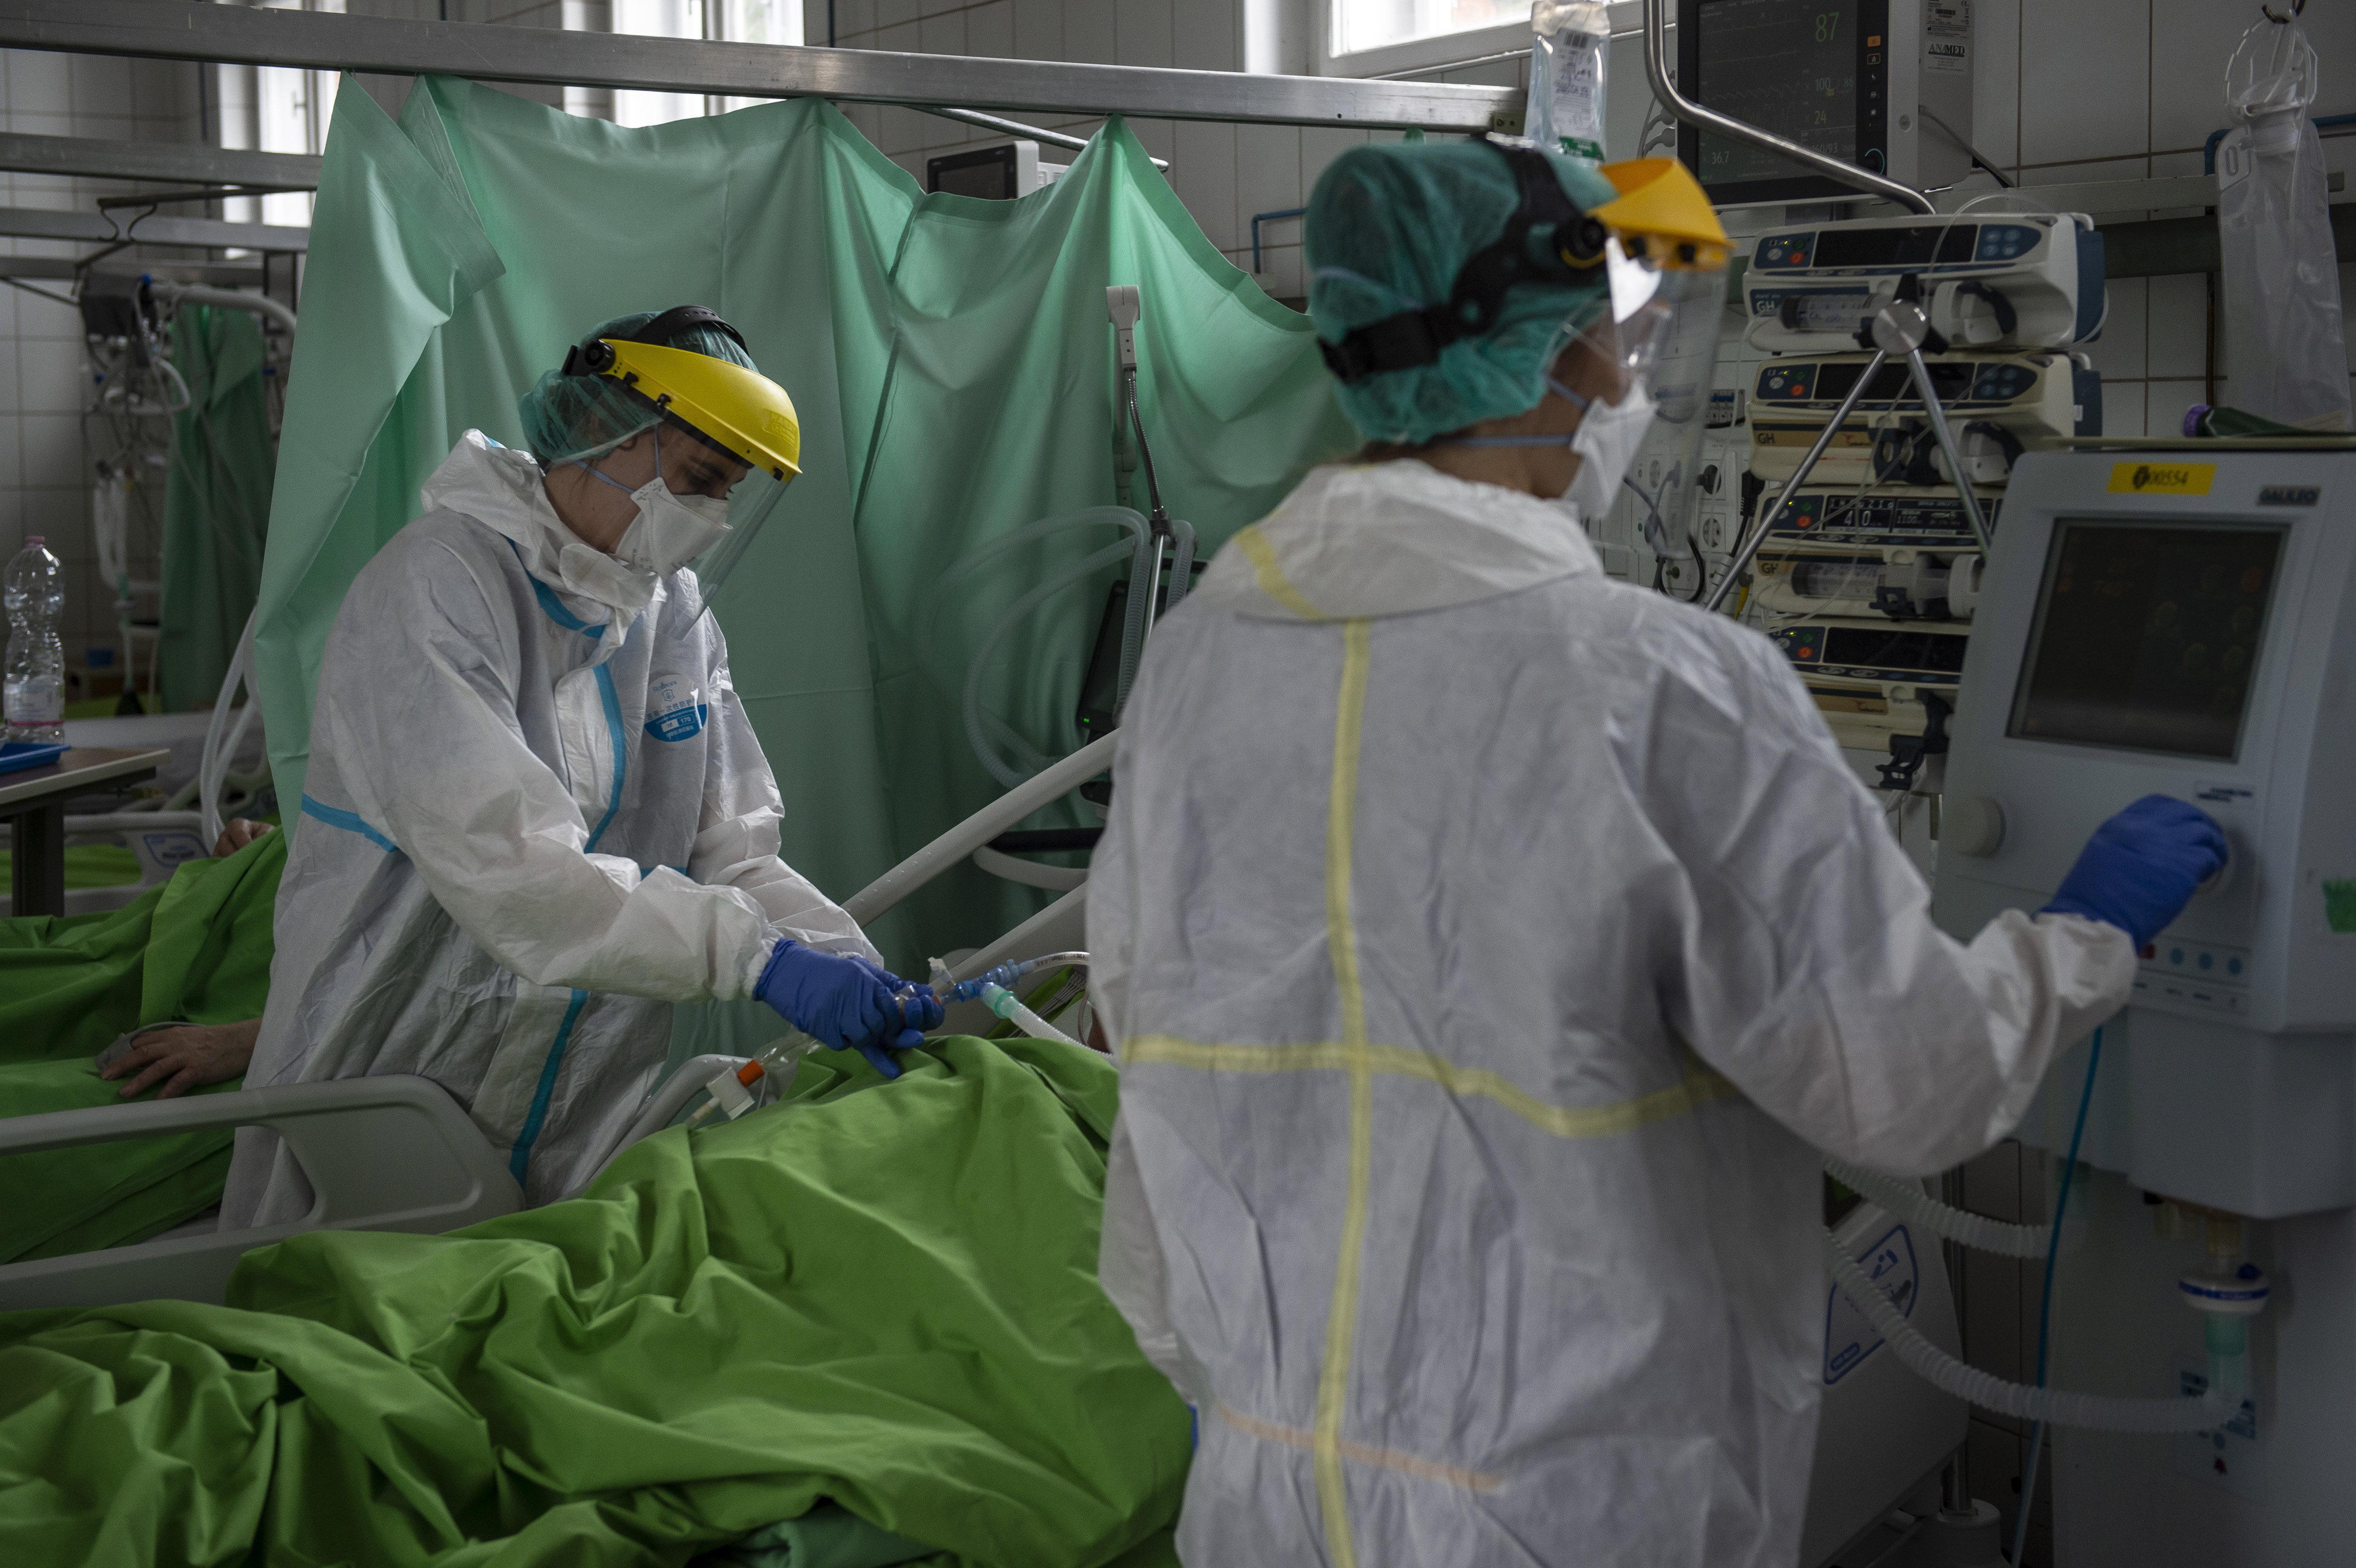 27-en haltak meg koronavírusban a szerdai adatok szerint